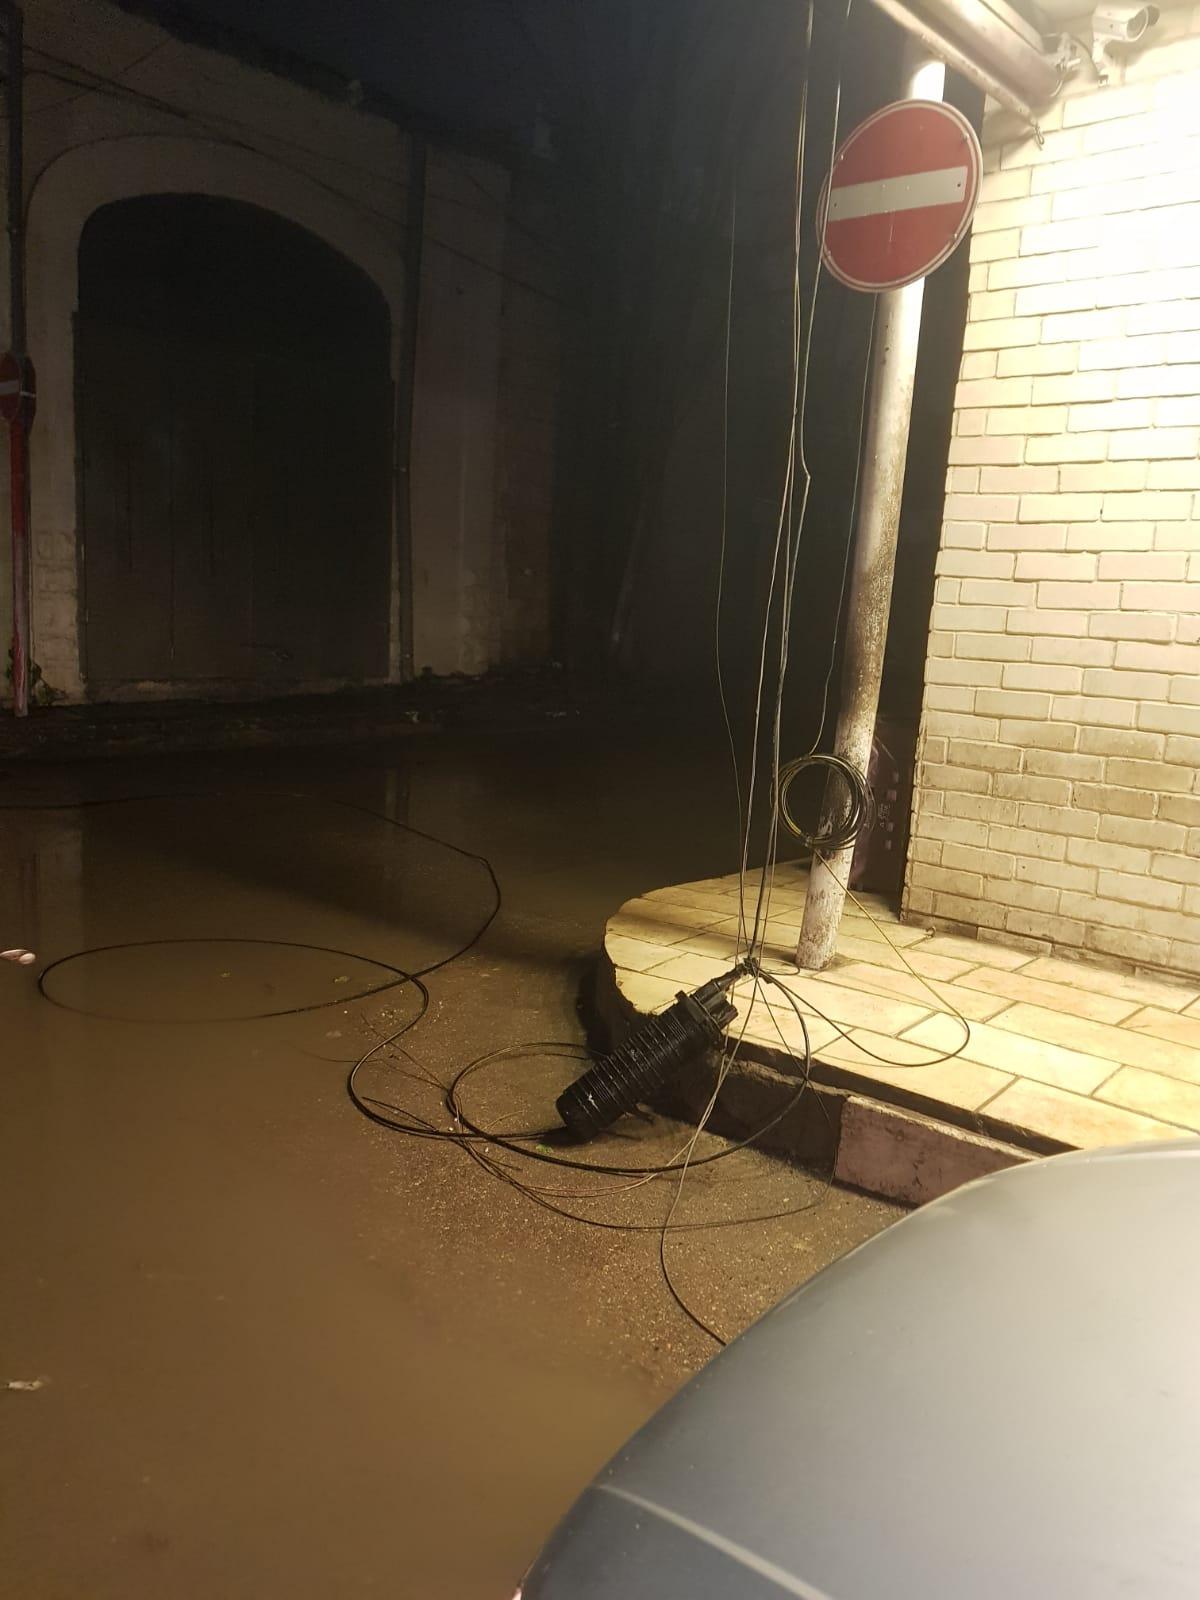 اللد: انقطاع الكهرباء عن مناطق واسعة اثر سقوط عامود بسبب الرياح العاصفة